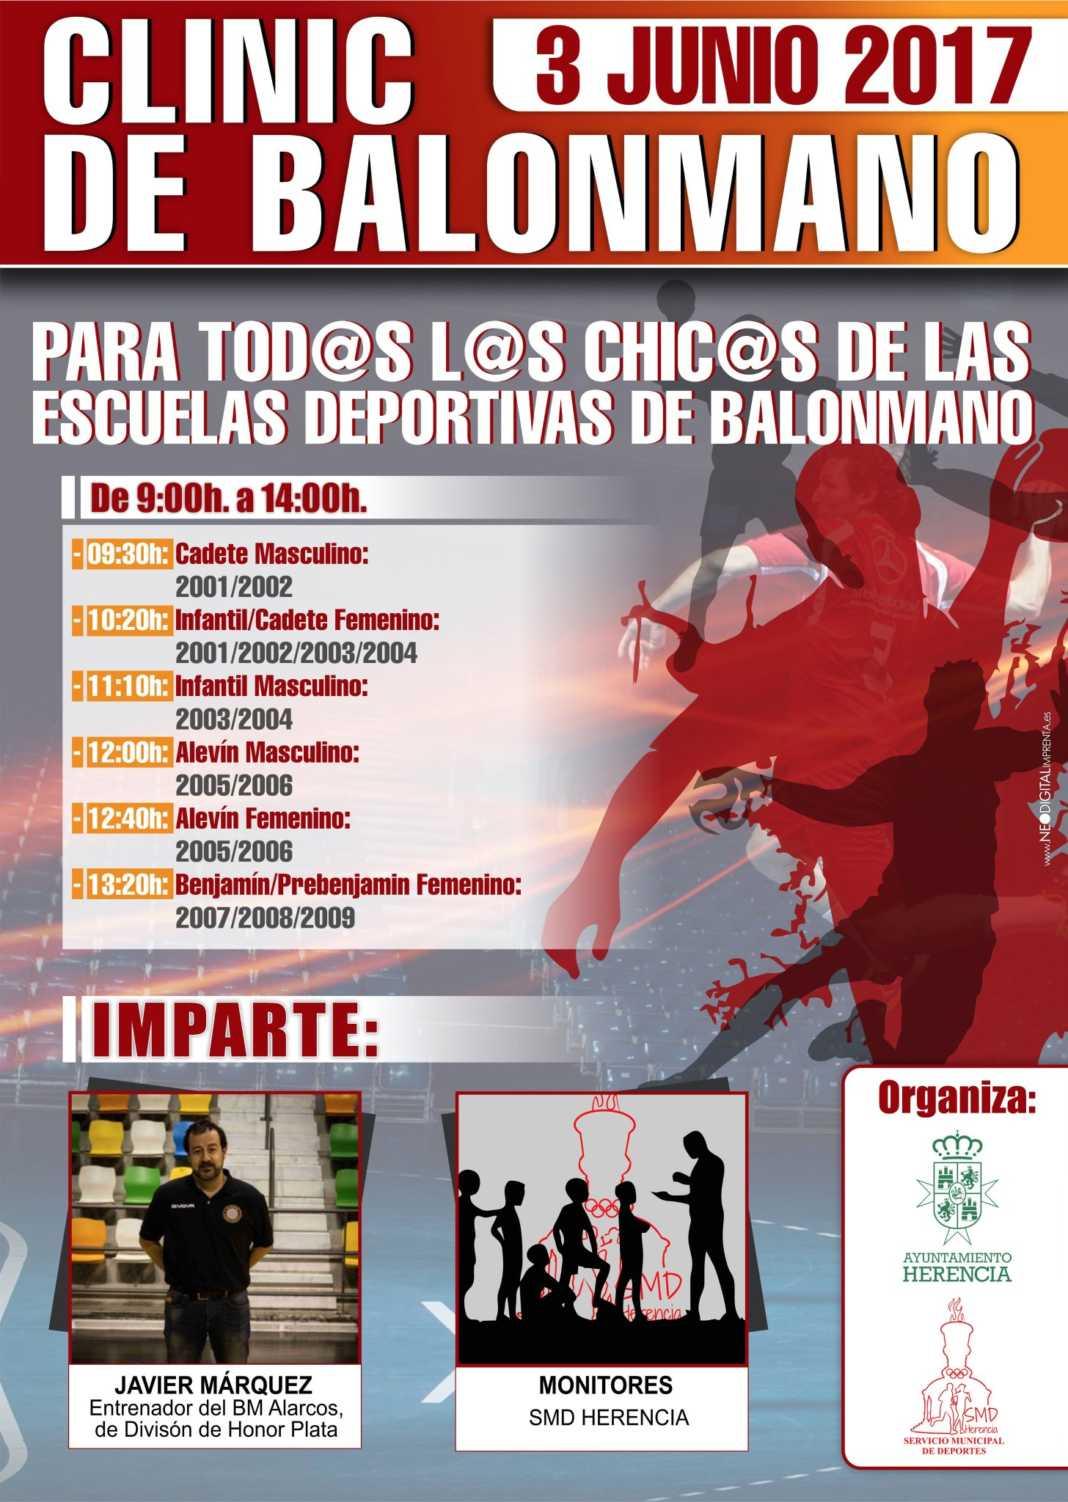 Clinic de Balonmano en Herencia 4